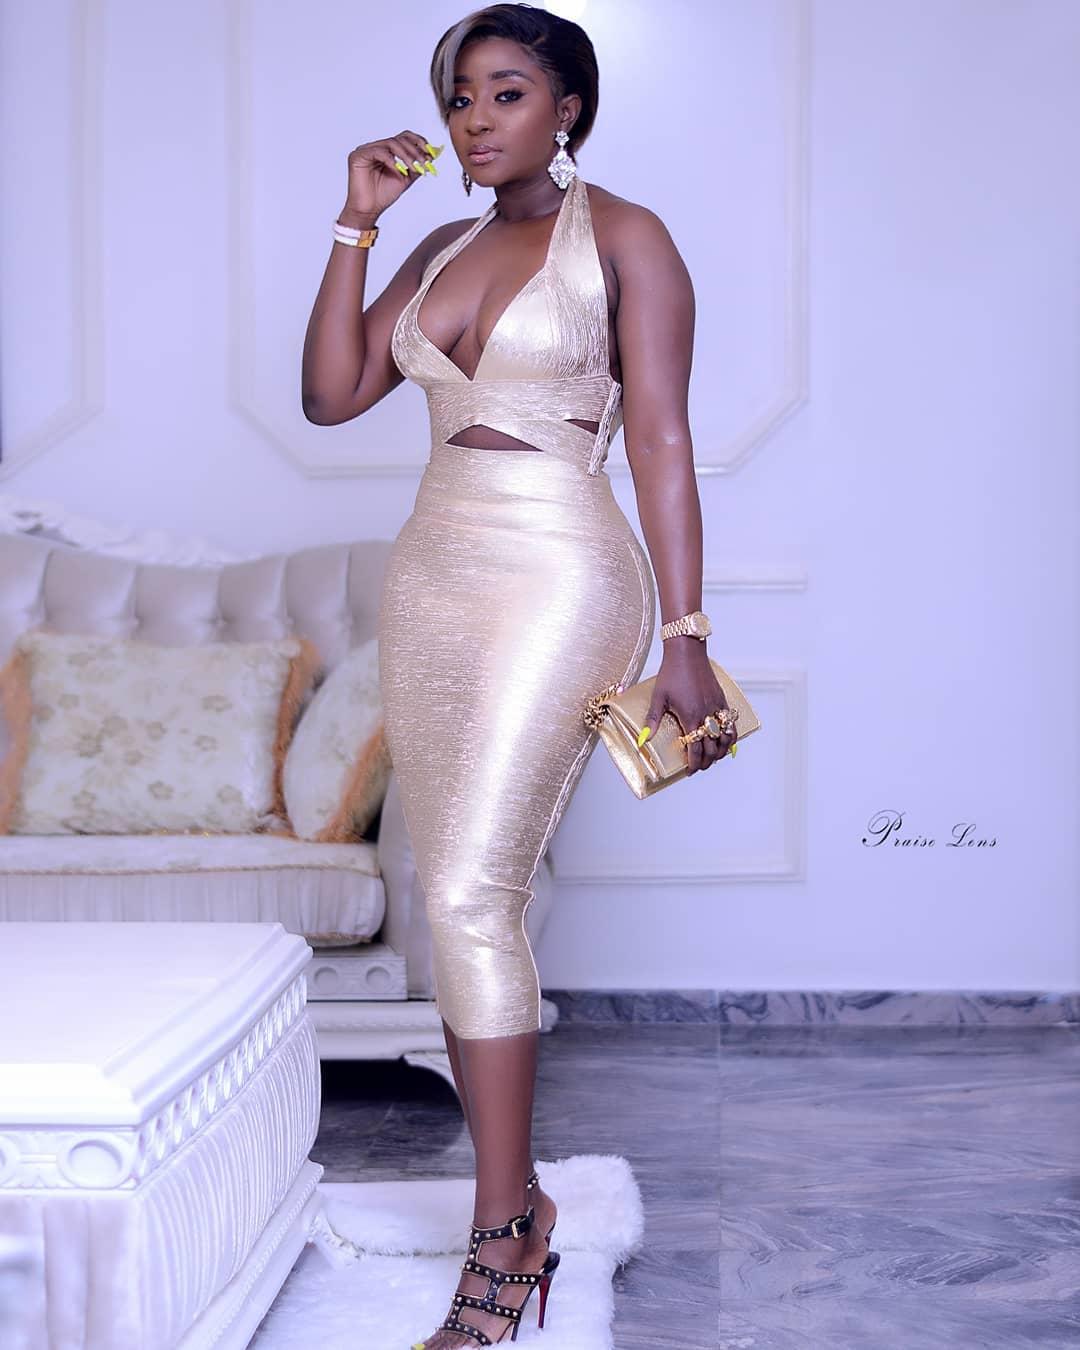 ini-edo-nollywood-celebrity-weekend-style